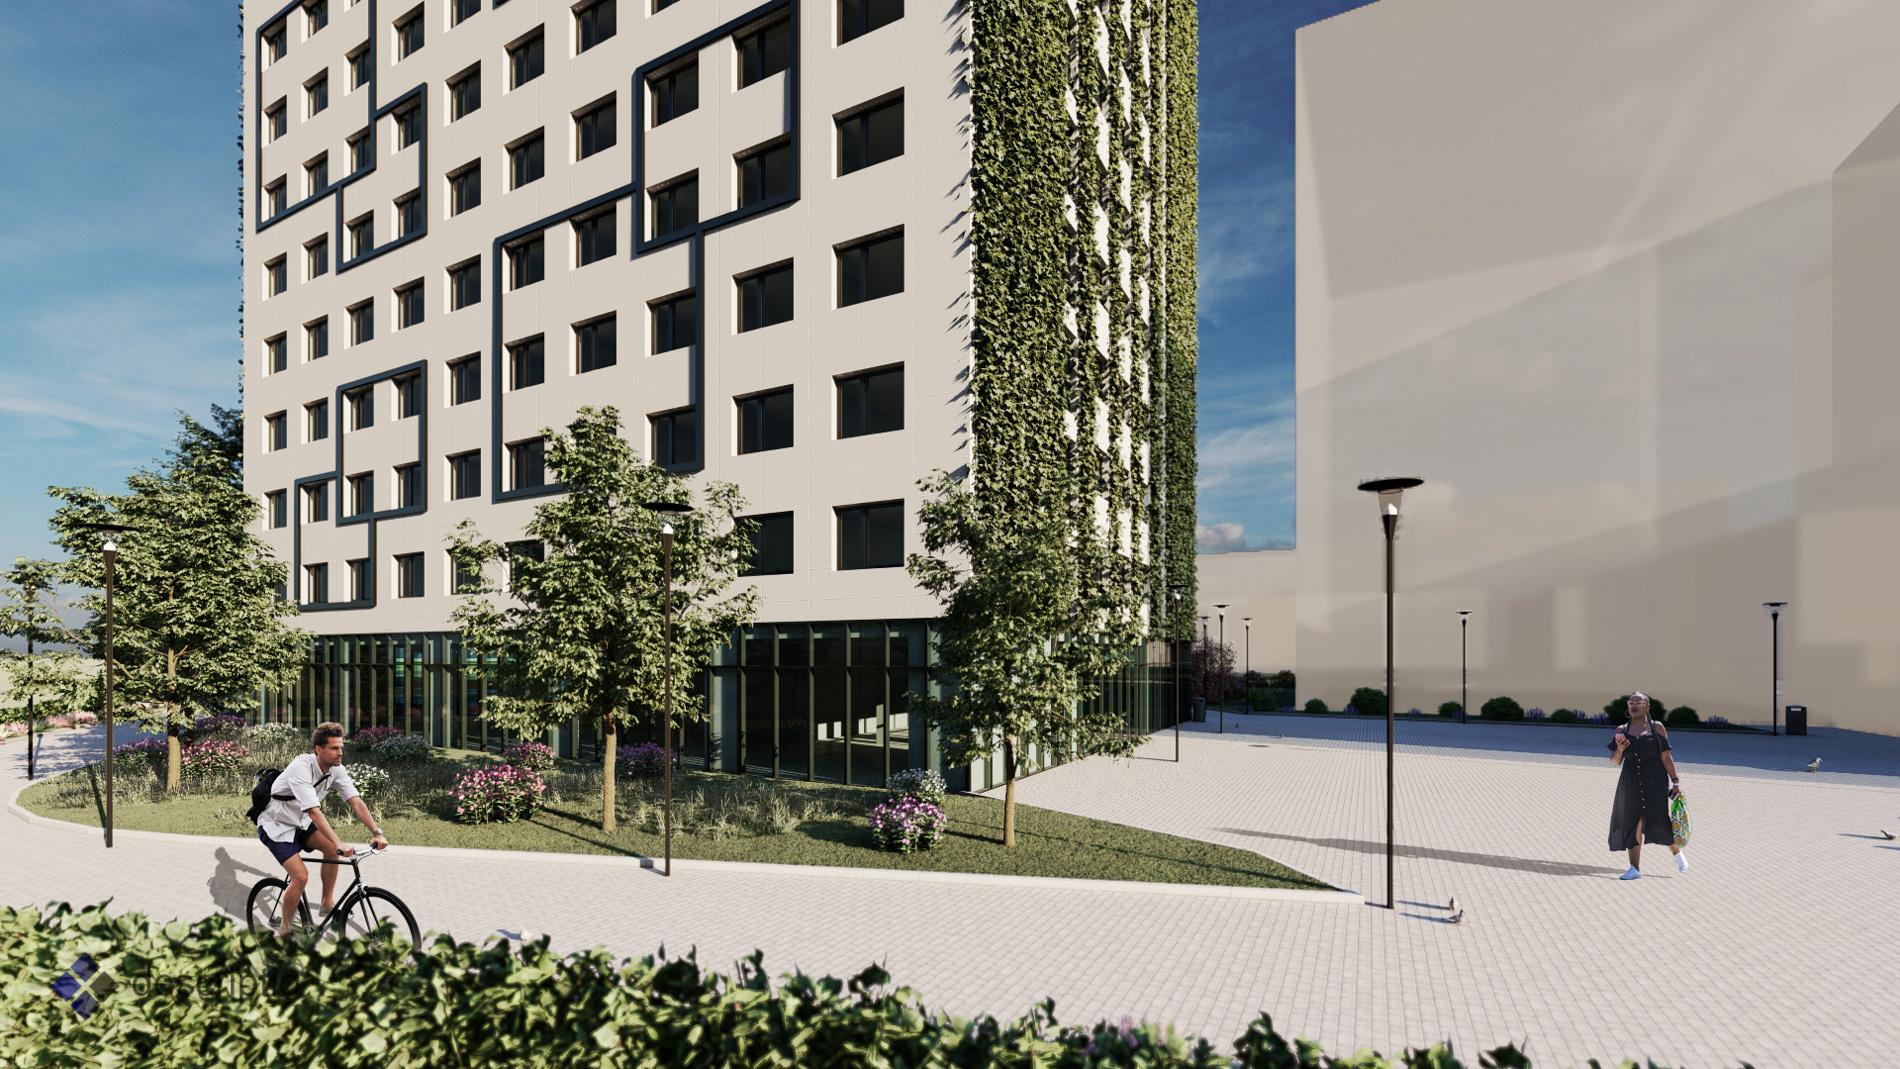 1100 Wien, Konzept-Bebauung eines Baufelds eines Bauloses